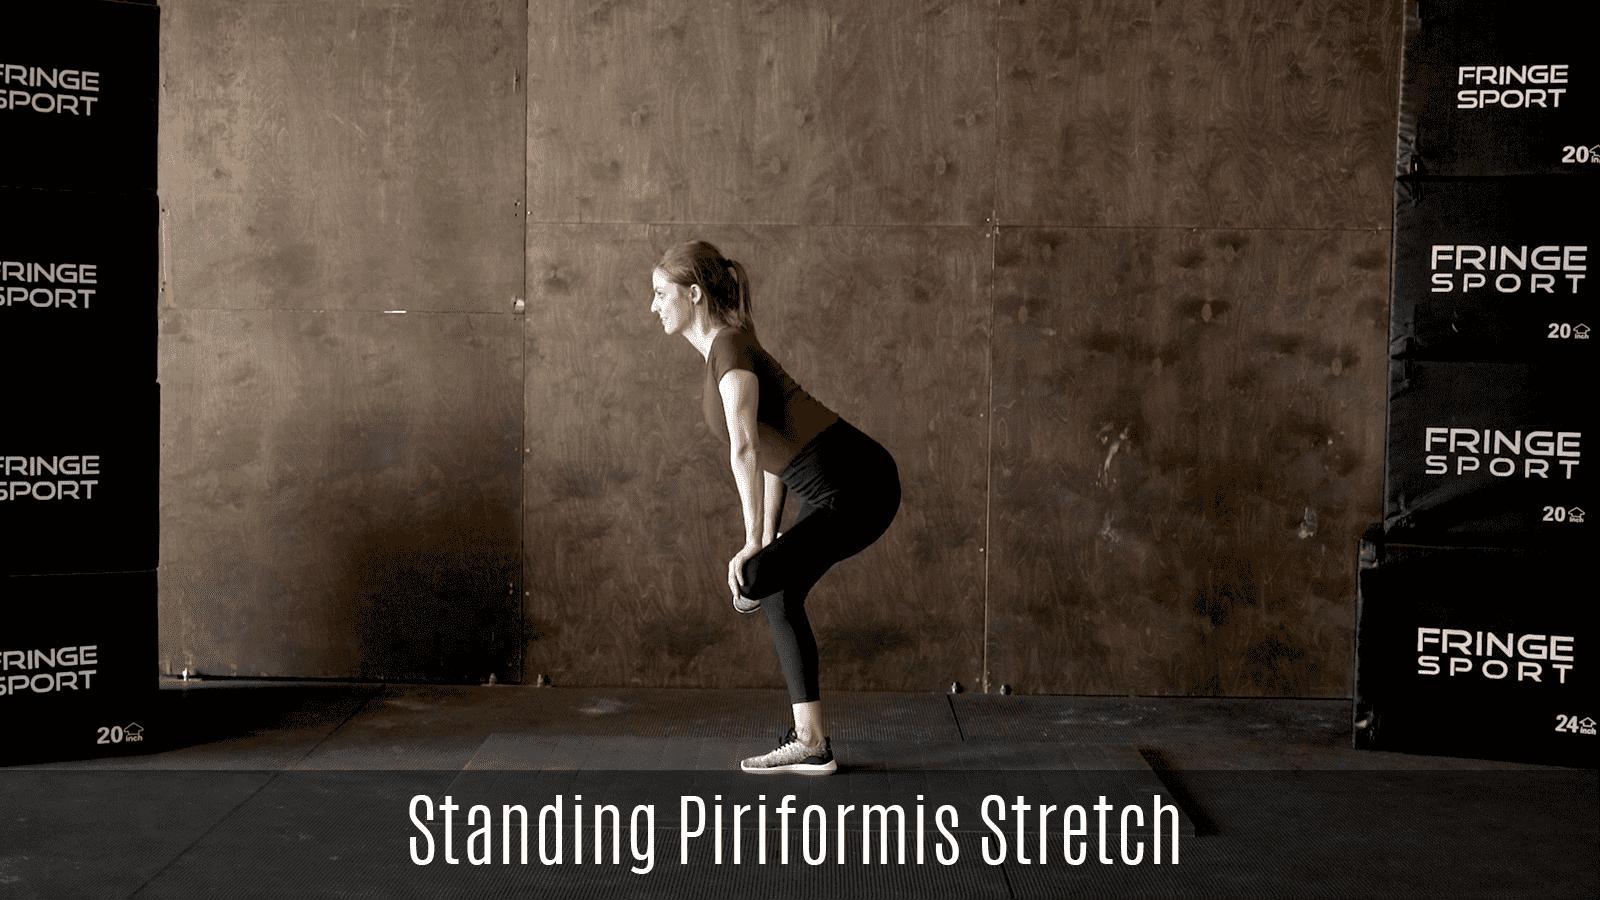 standing piriformis stretch demo